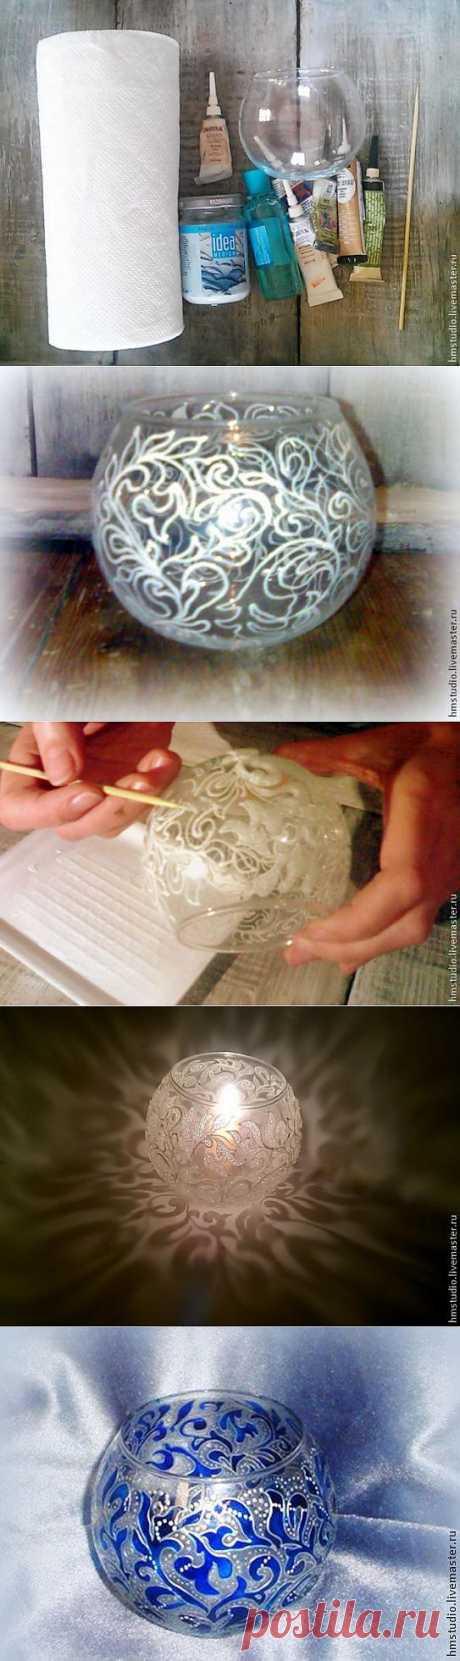 Морозный узор на вазе | Самоделкино